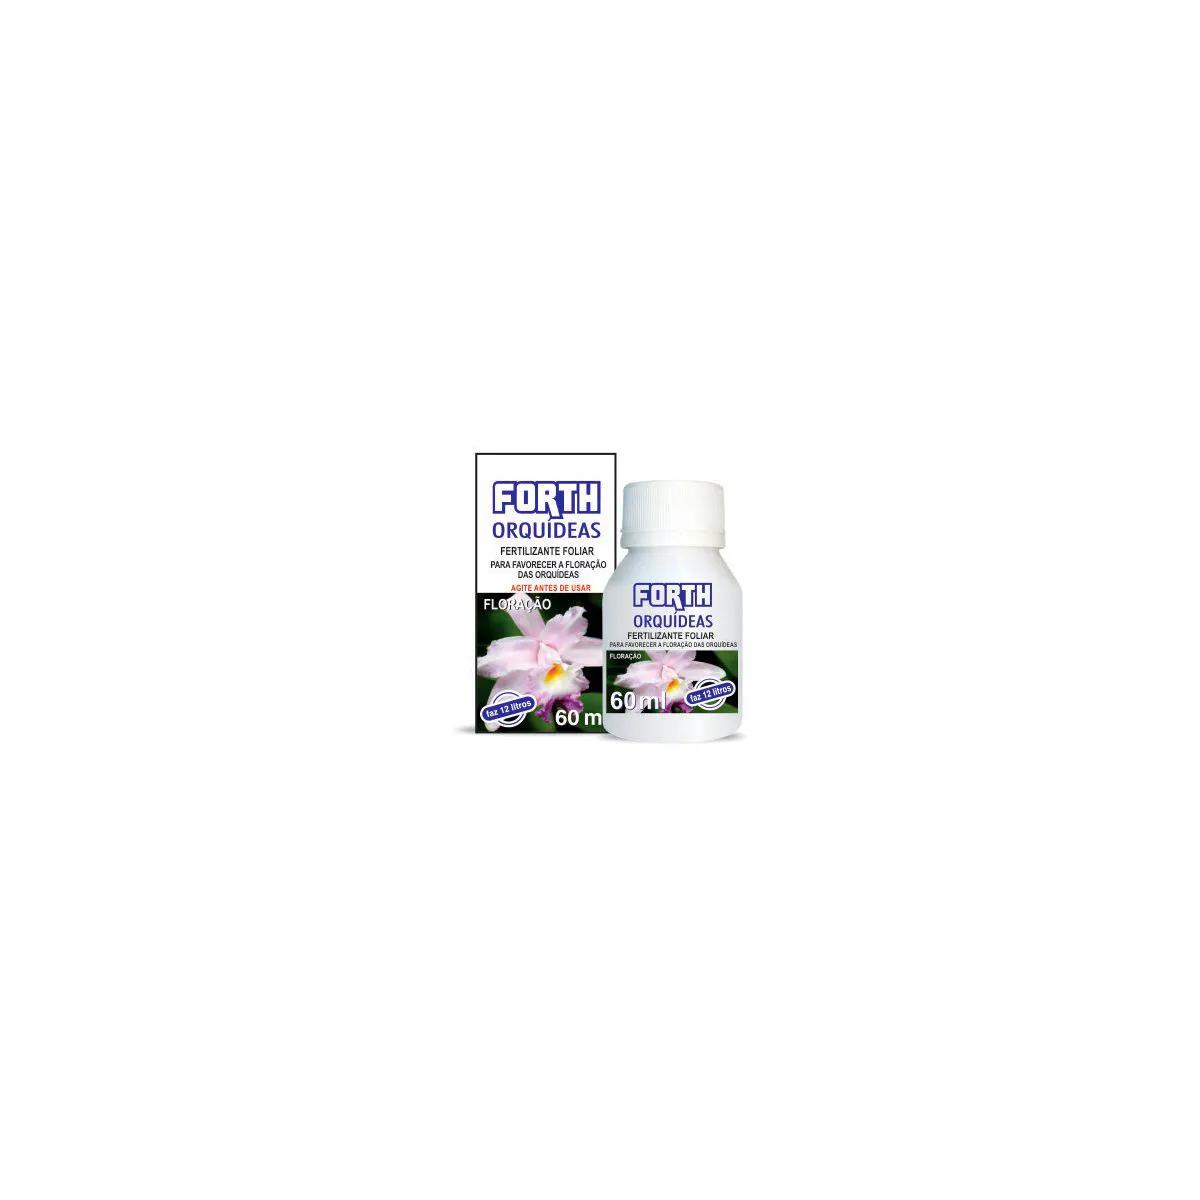 Fertilizante Forth para floração de Orquídeas 60ml  - Vasos Raiz Loja Oficial